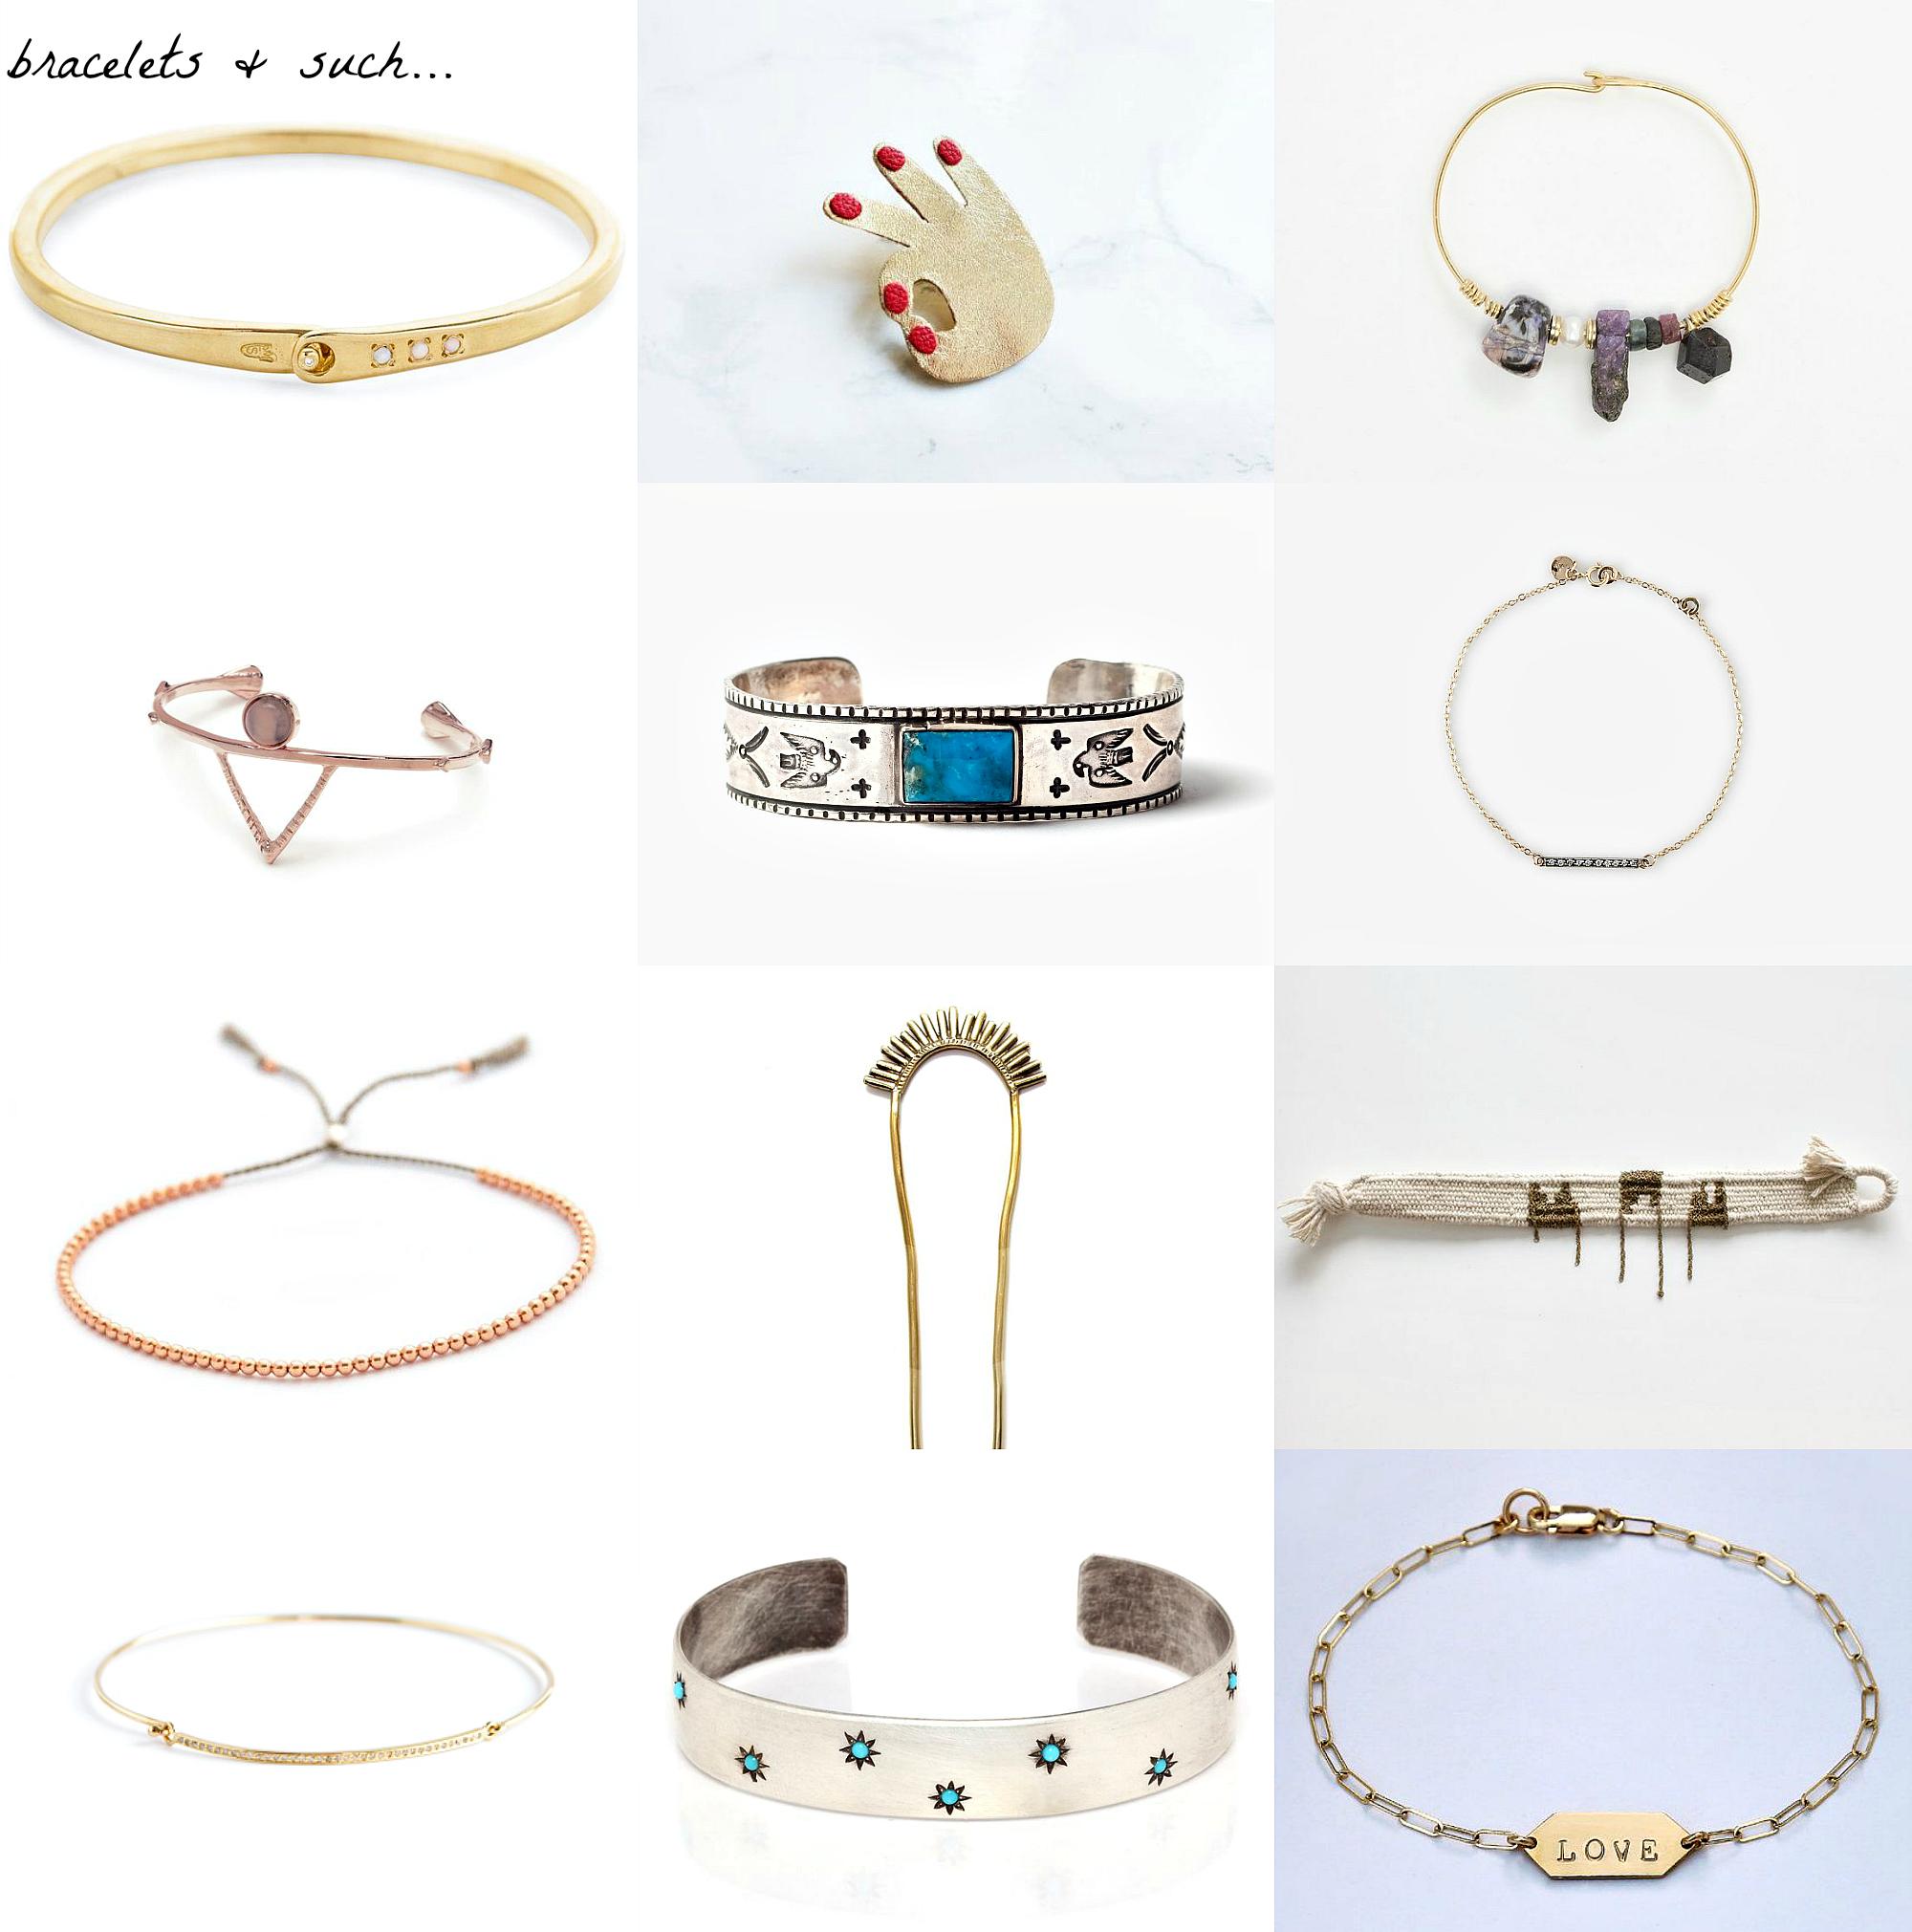 bracelet gifts